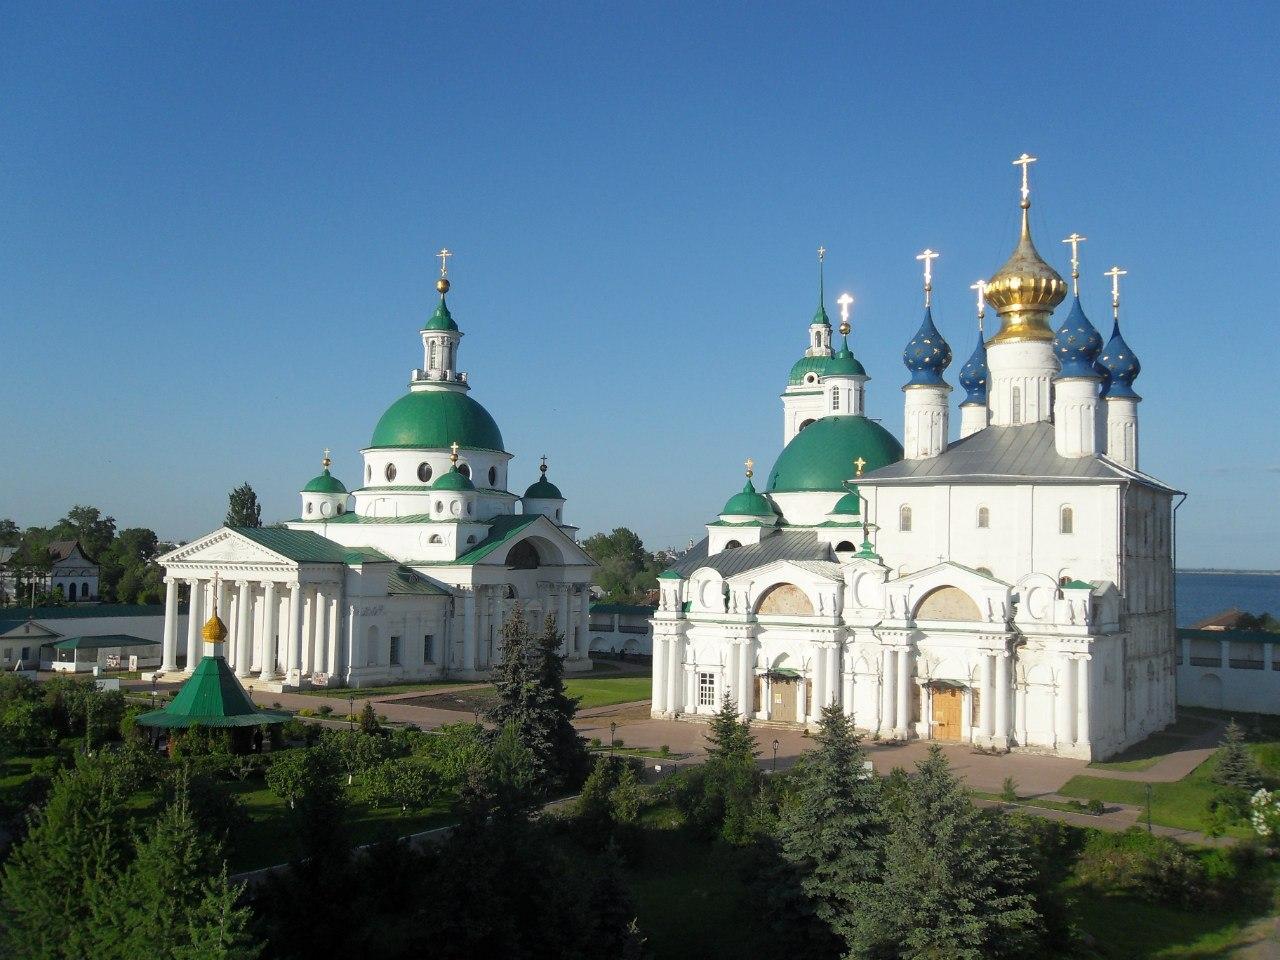 0bXFxbzP5Ig Ростов Великий один из древнейших городов России.